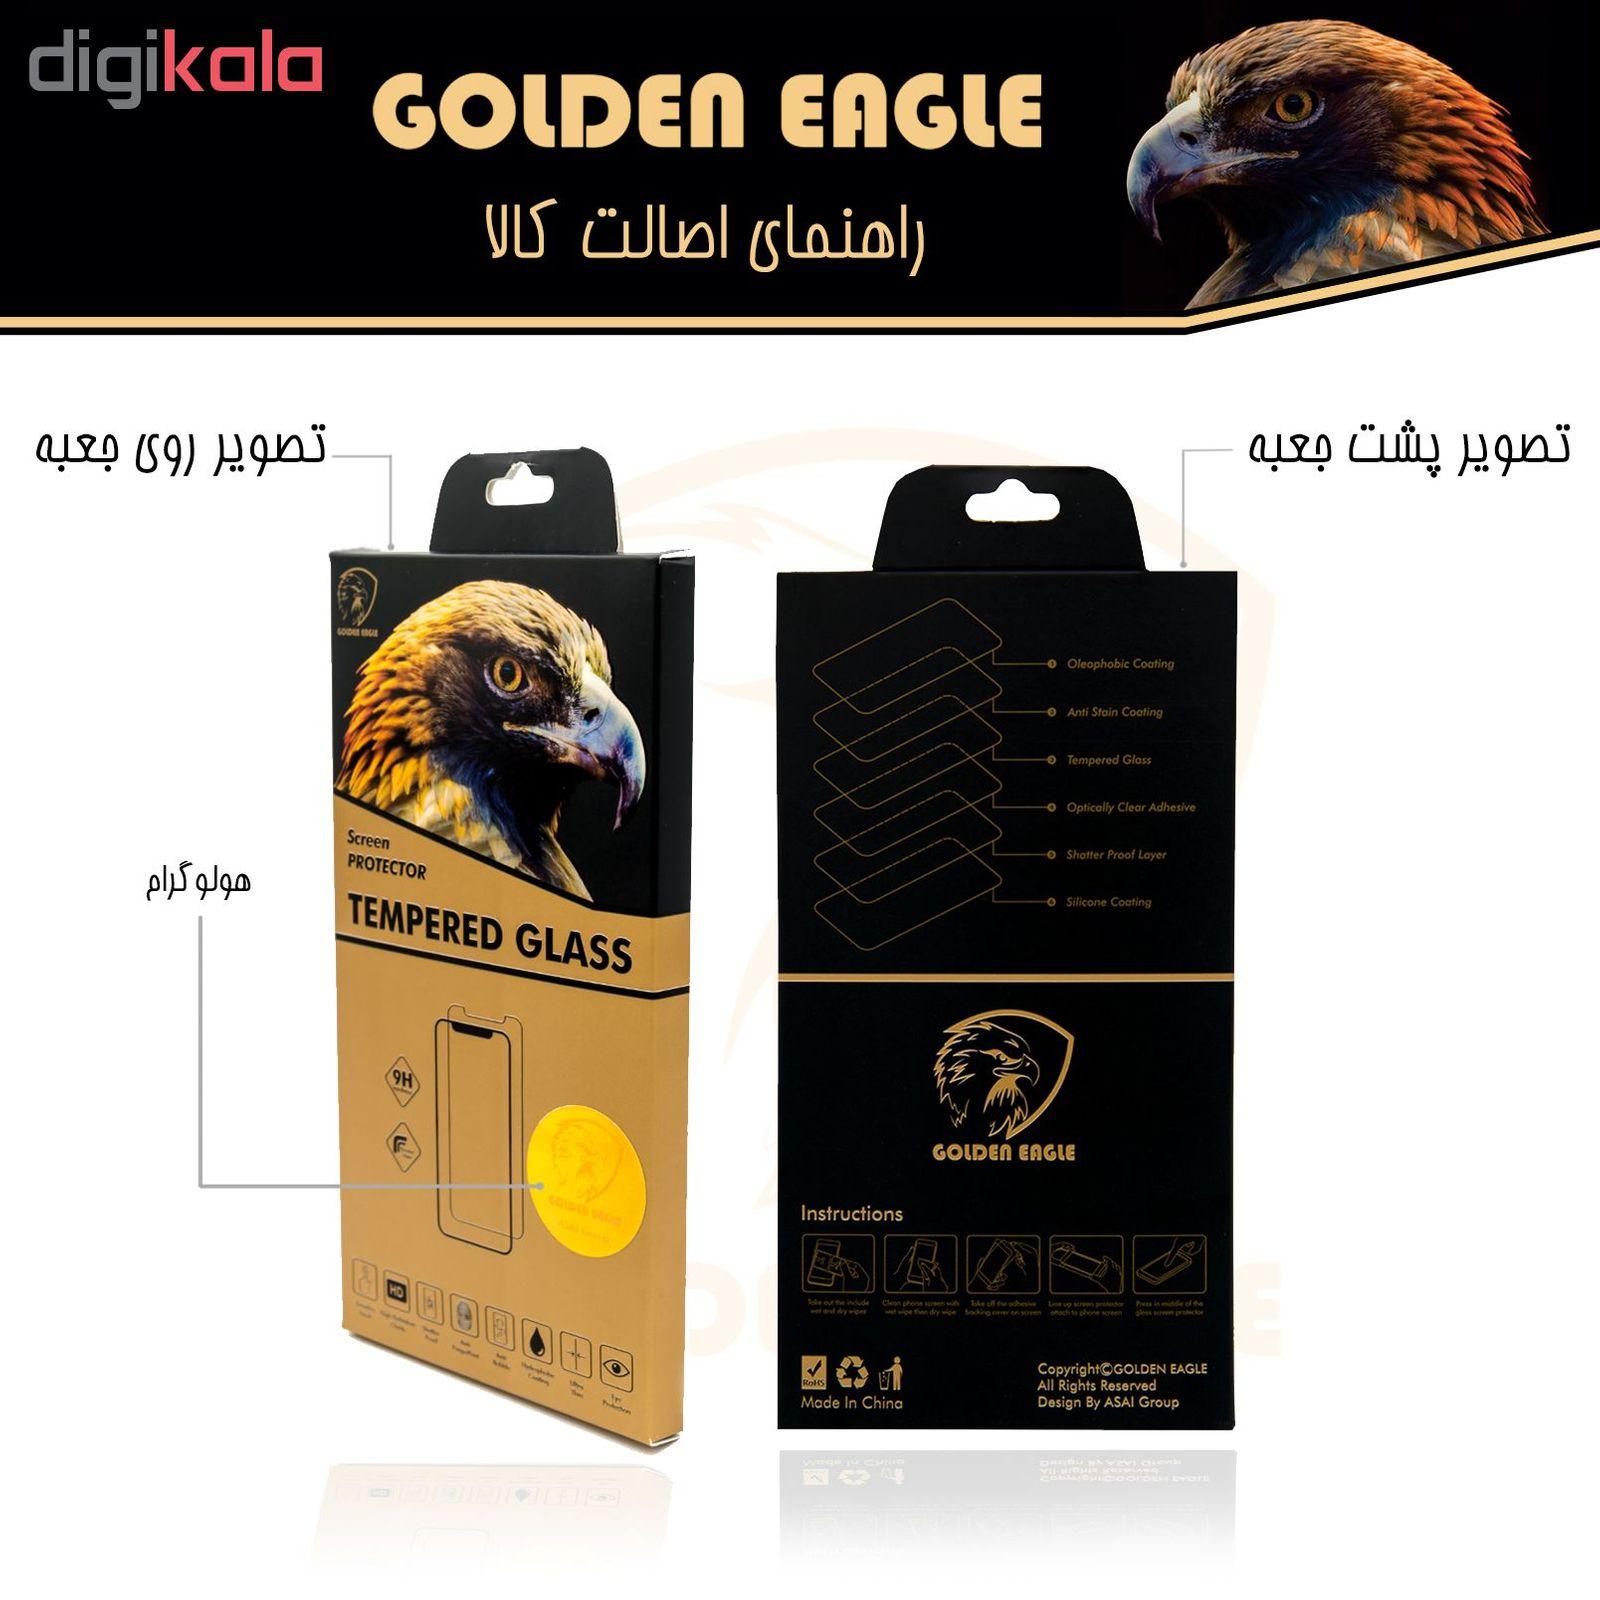 محافظ صفحه نمایش گلدن ایگل مدل GLC-X3 مناسب برای گوشی موبایل سامسونگ Galaxy M30 بسته سه عددی main 1 5